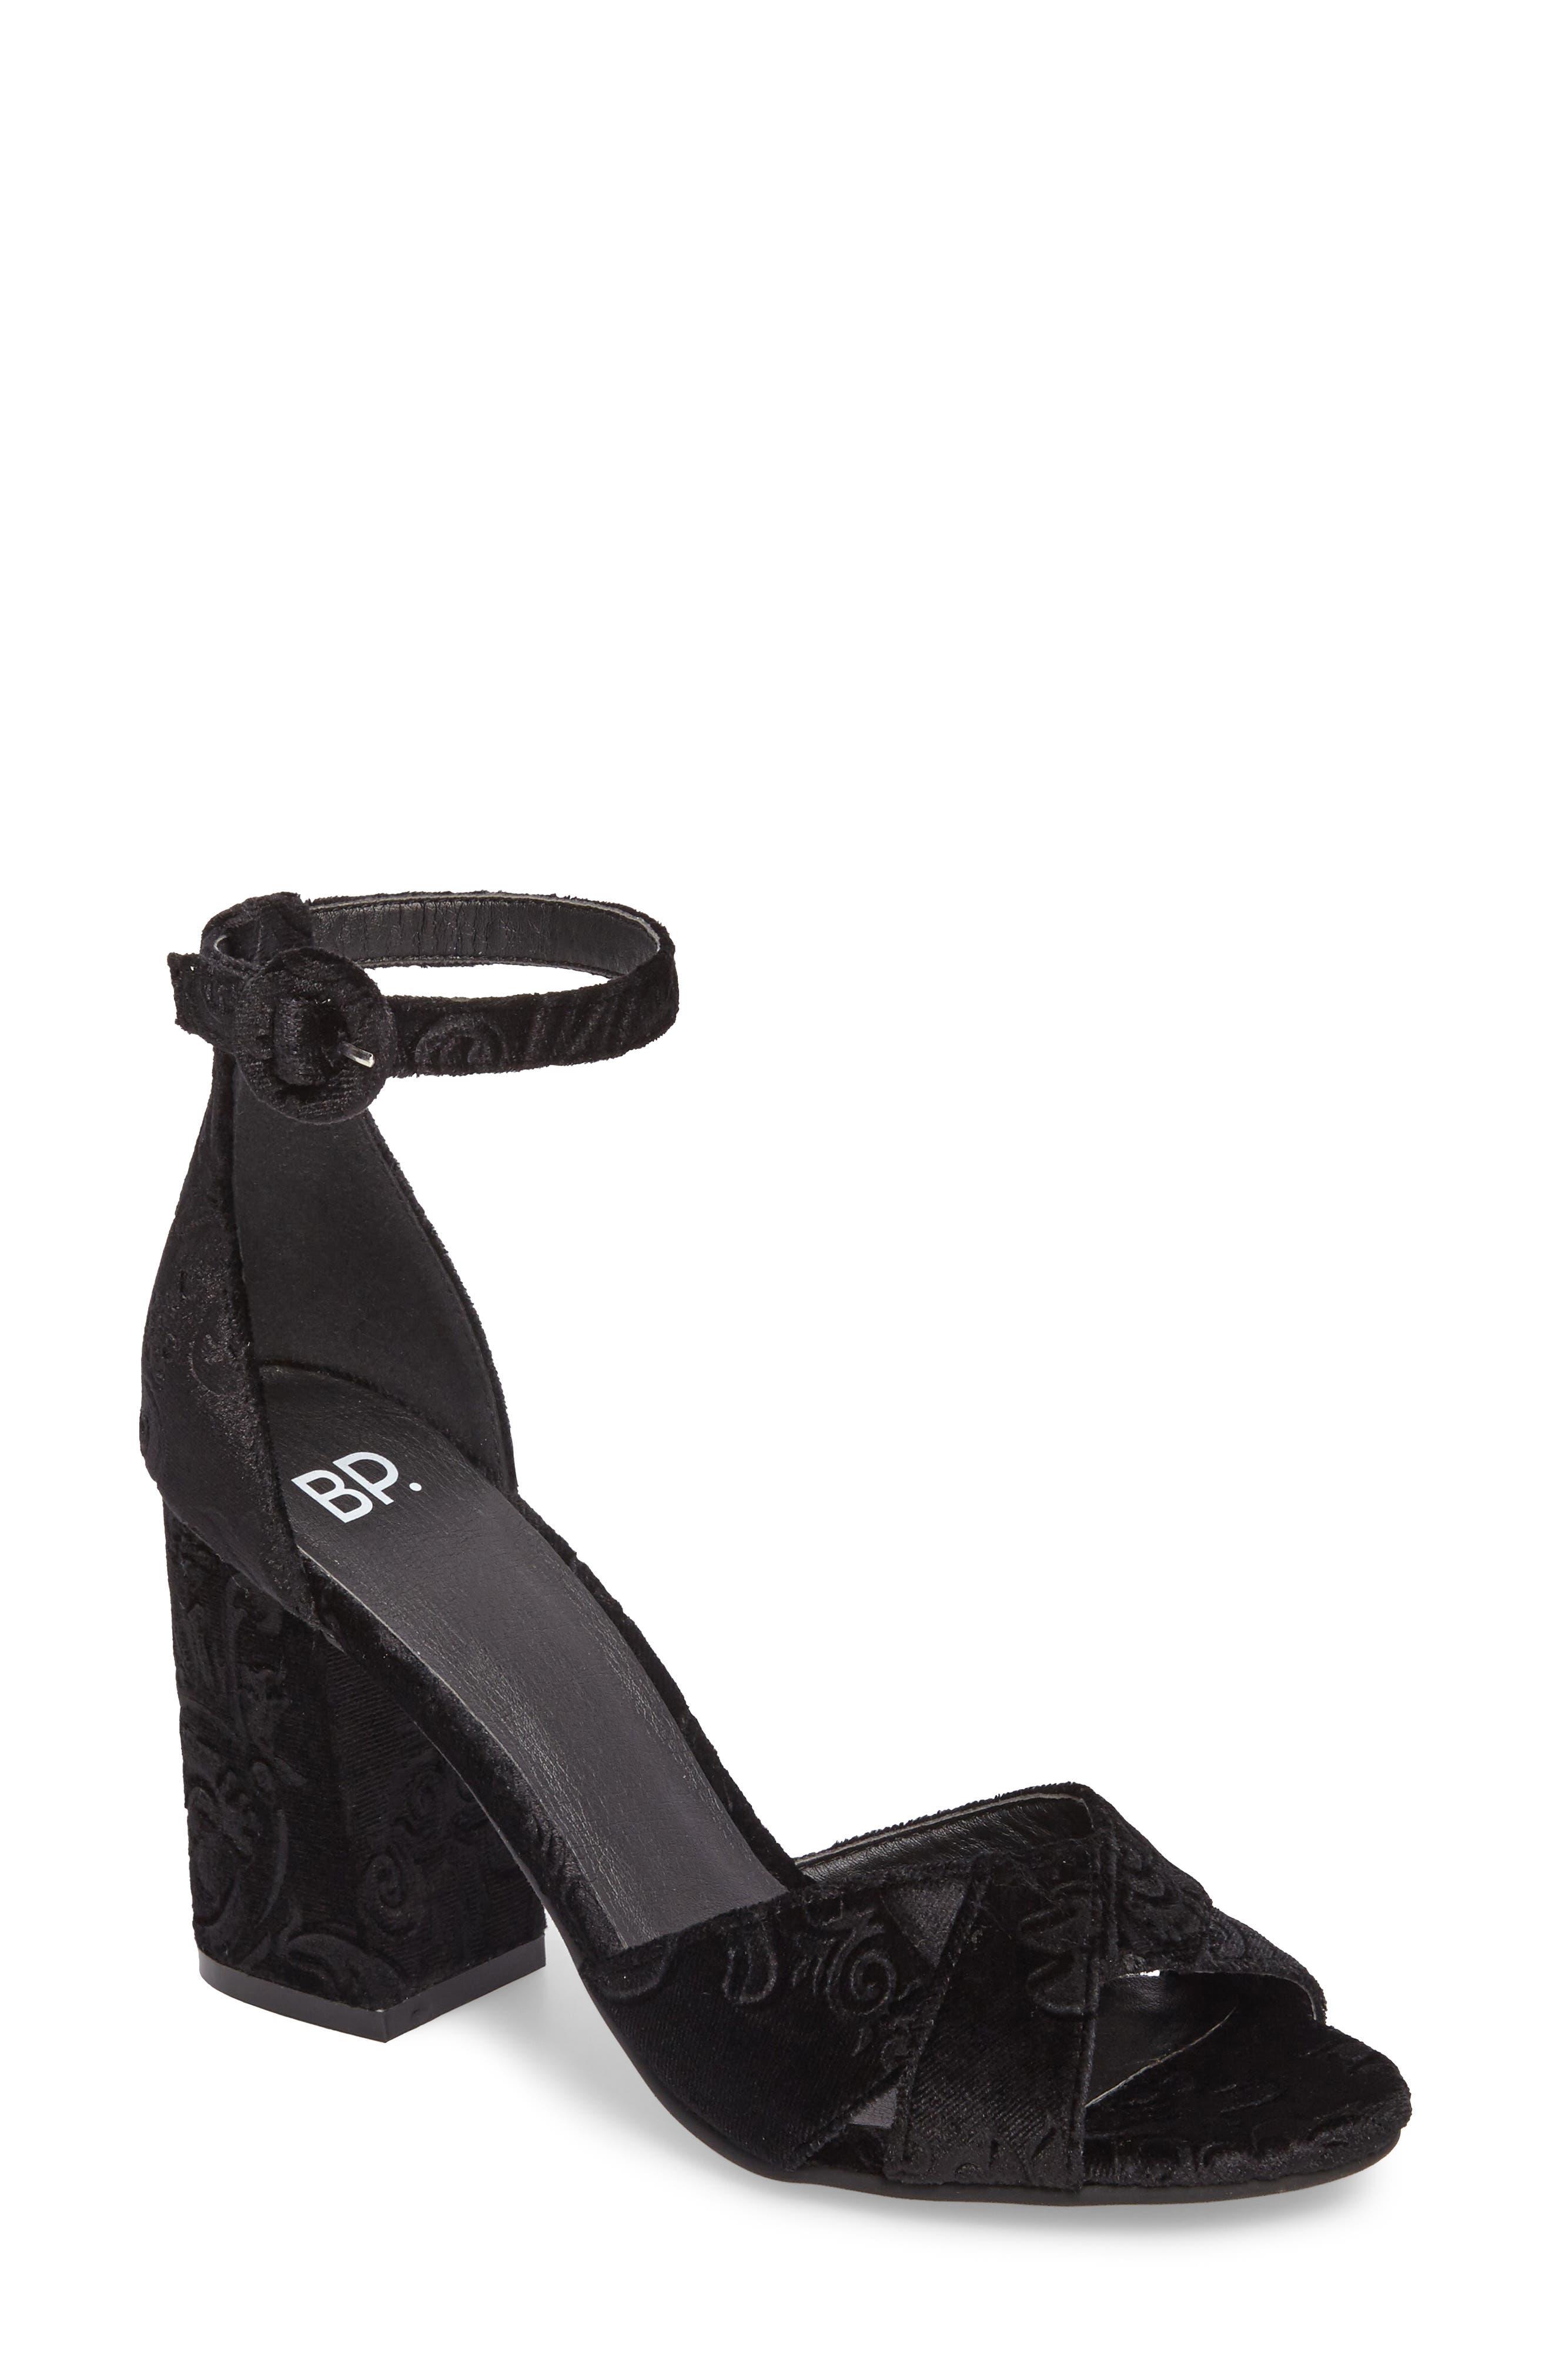 BP Casey Ankle Strap Sandal,                             Main thumbnail 1, color,                             006